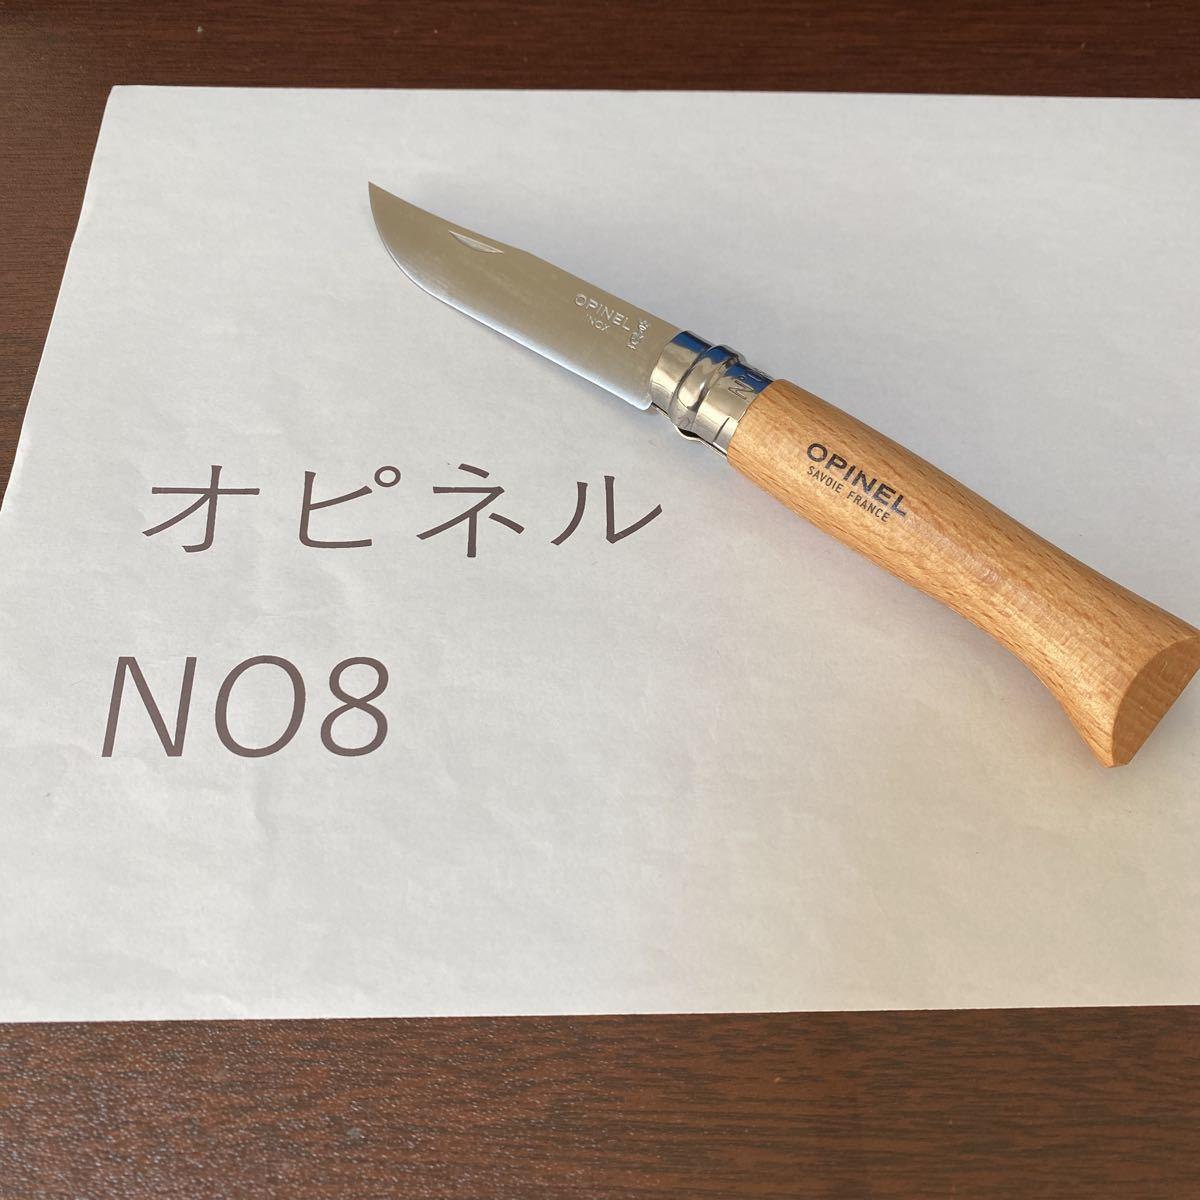 現物 オピネル OPINEL ステンレススチール no8 並行輸入